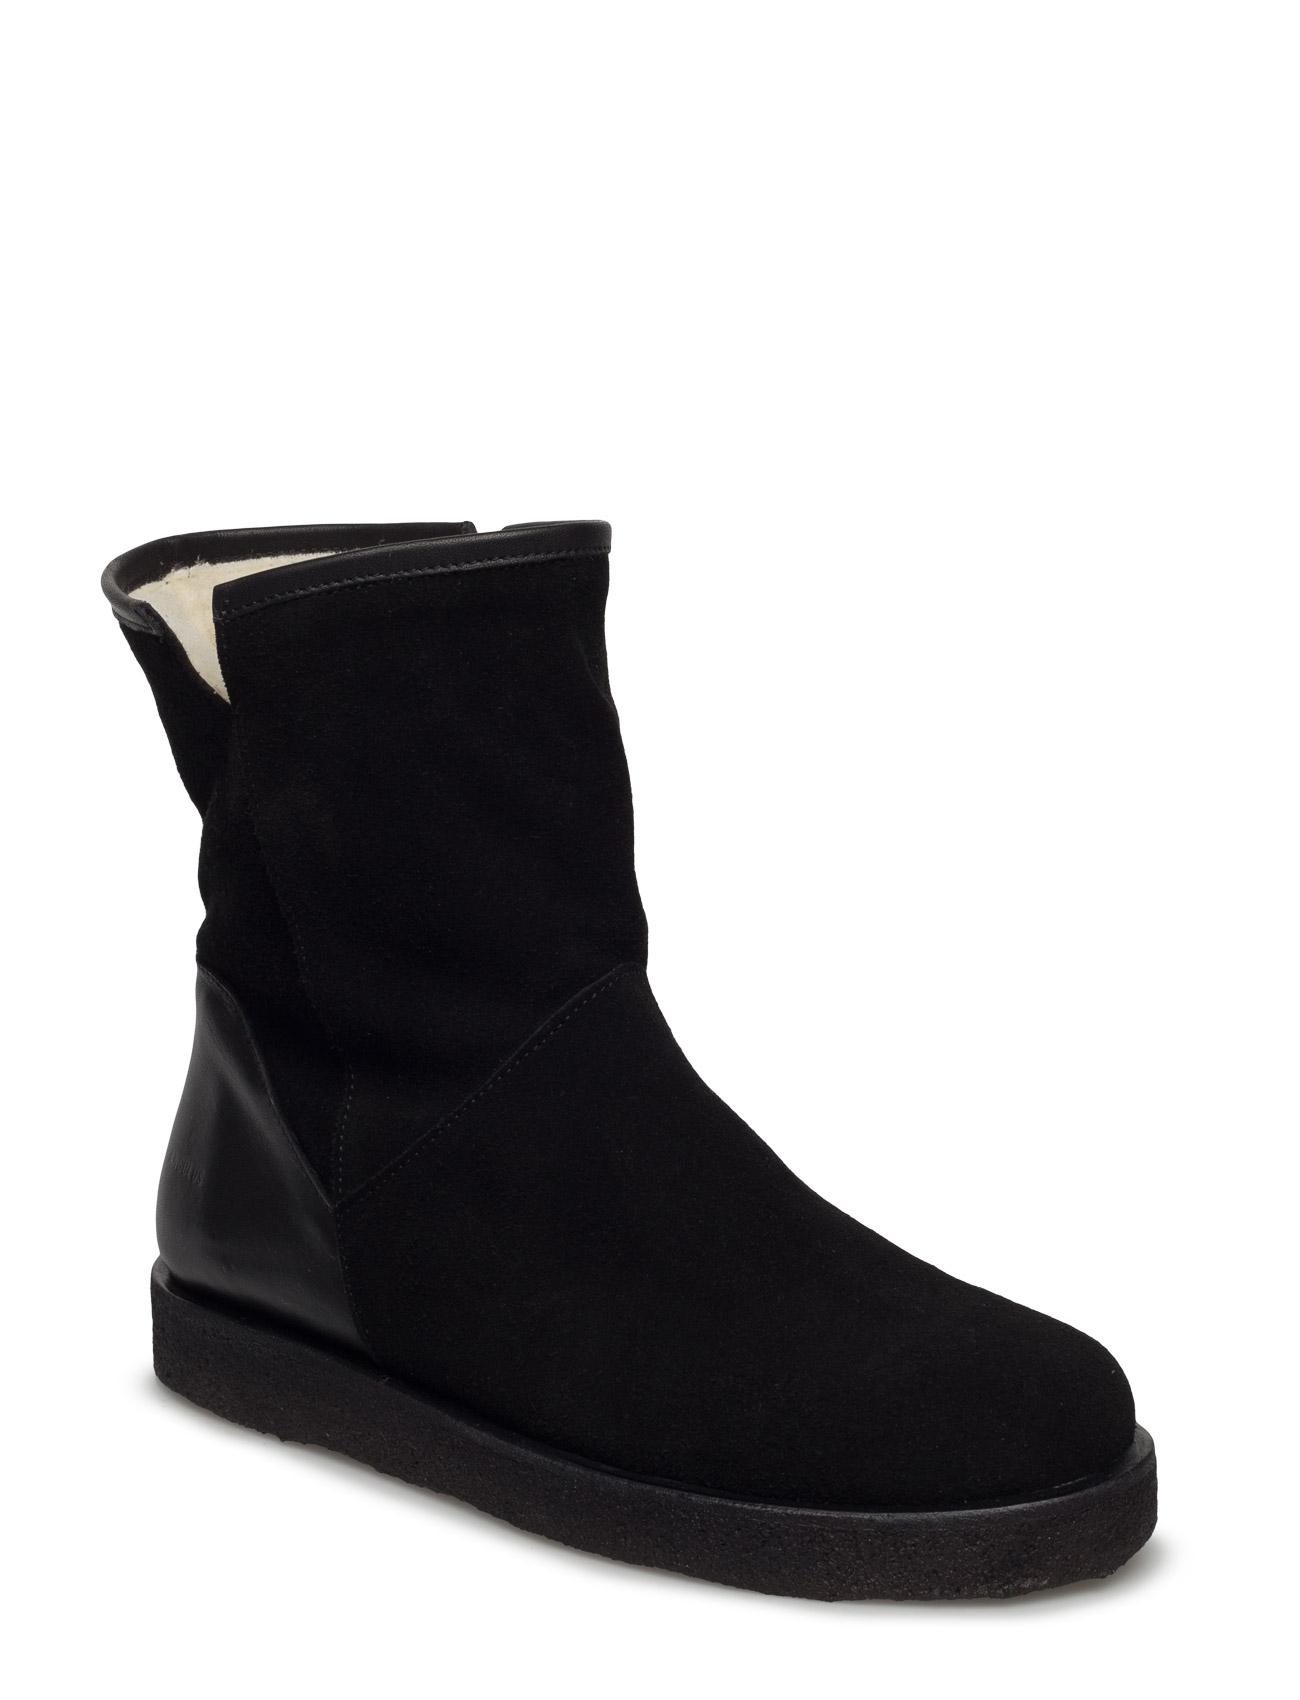 Boots - Flat ANGULUS Sko til Kvinder i Sort